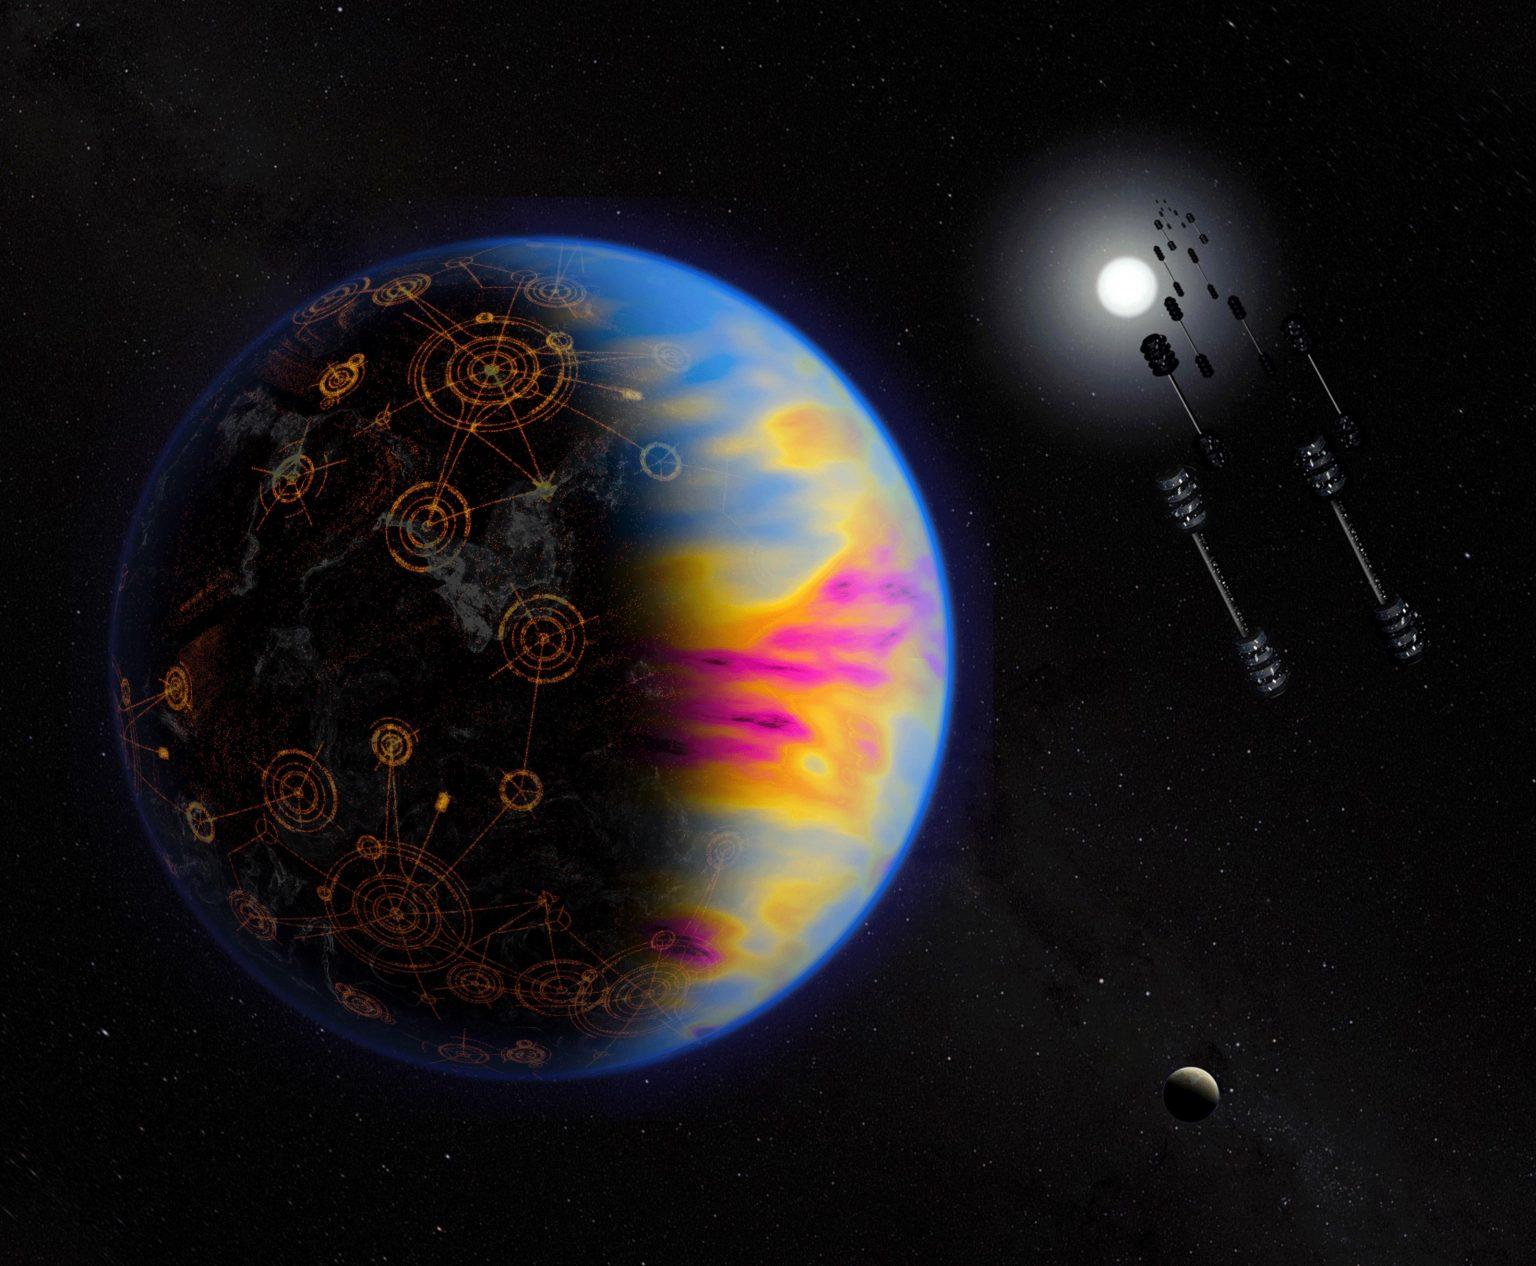 NASA「ひらめいた!」地球外文明を探すには宇宙で汚染物質を検出すればいい